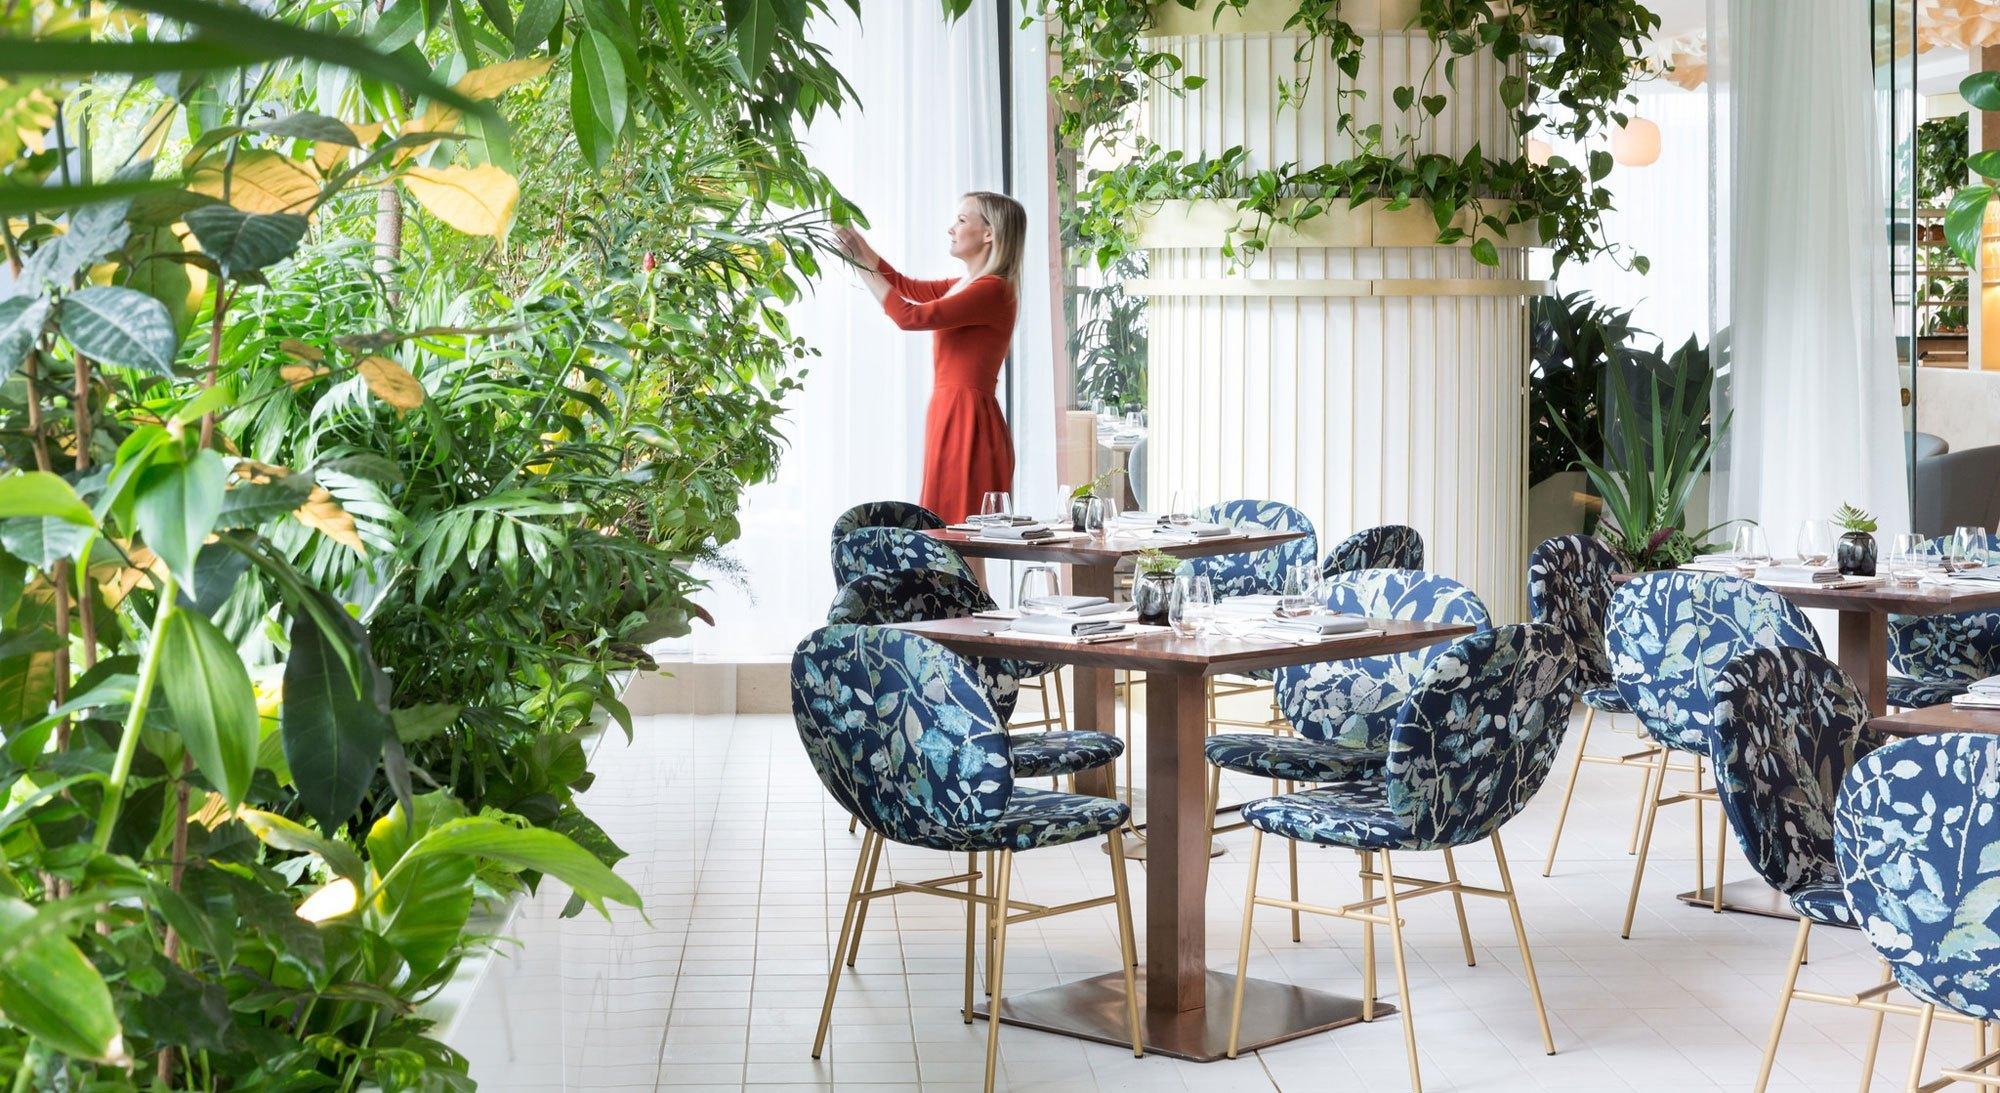 Botanist on Hunt for General Manager